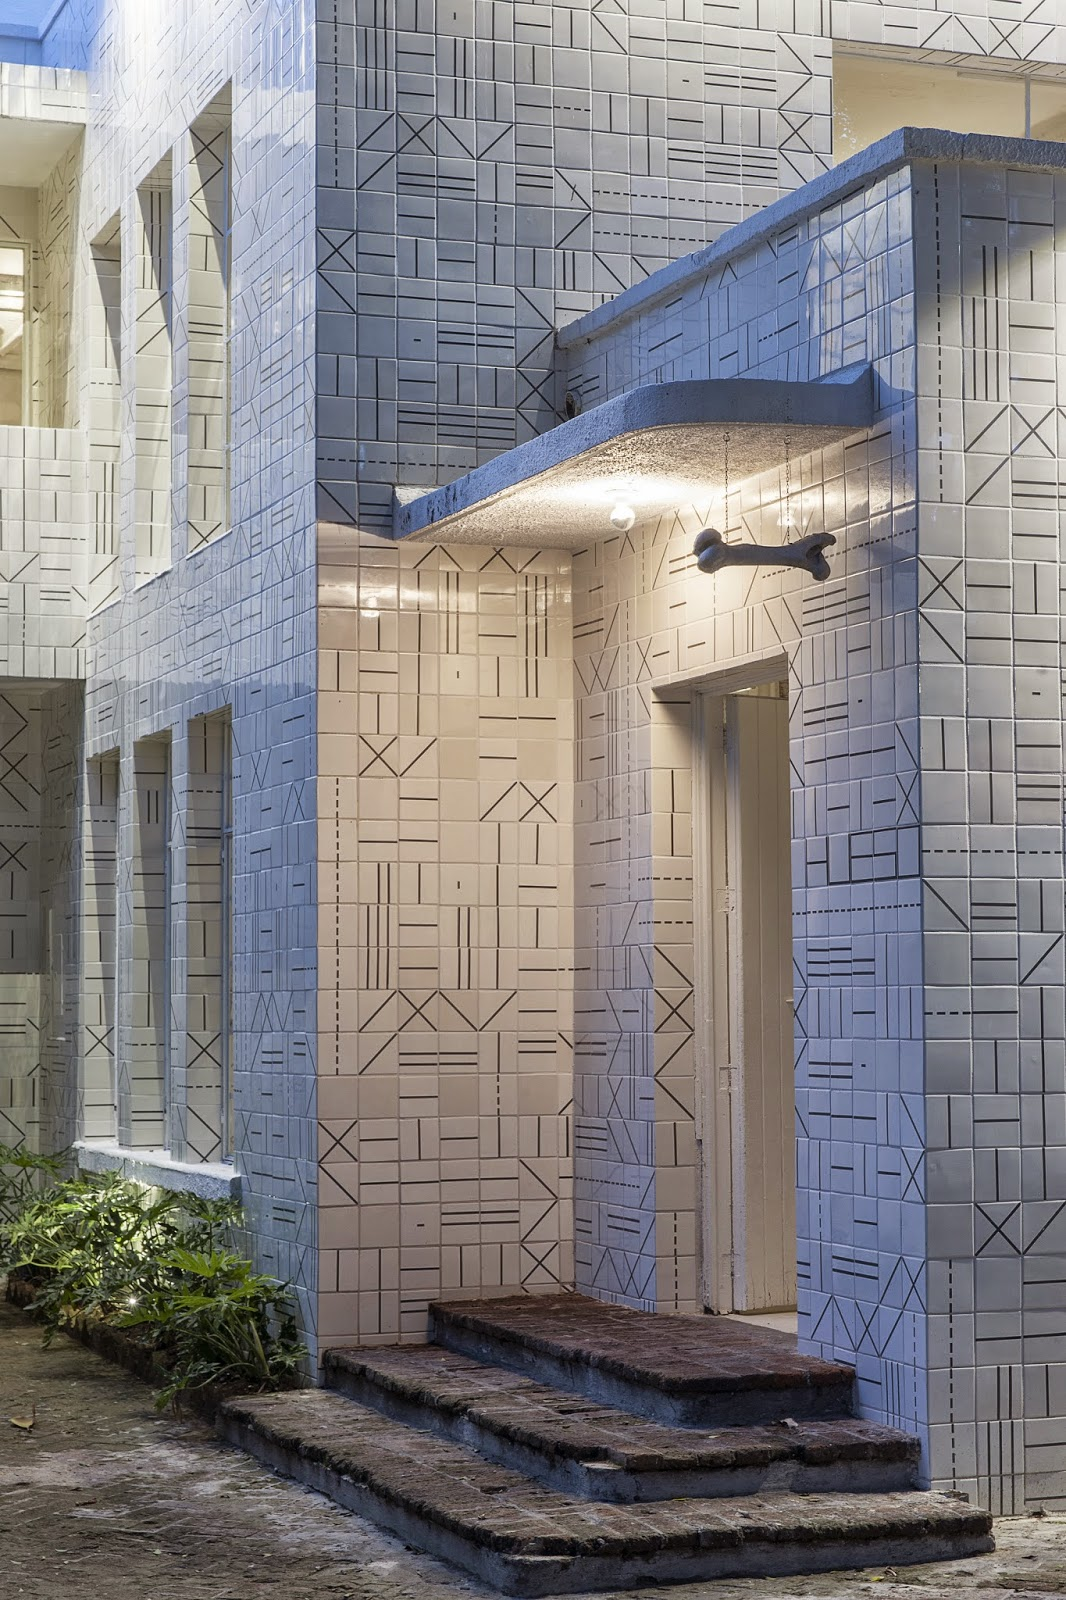 gaya-interior-dan-dekorasi-unik-ribuan-tulang-hewan-di-rumah-makan-Hueso-002